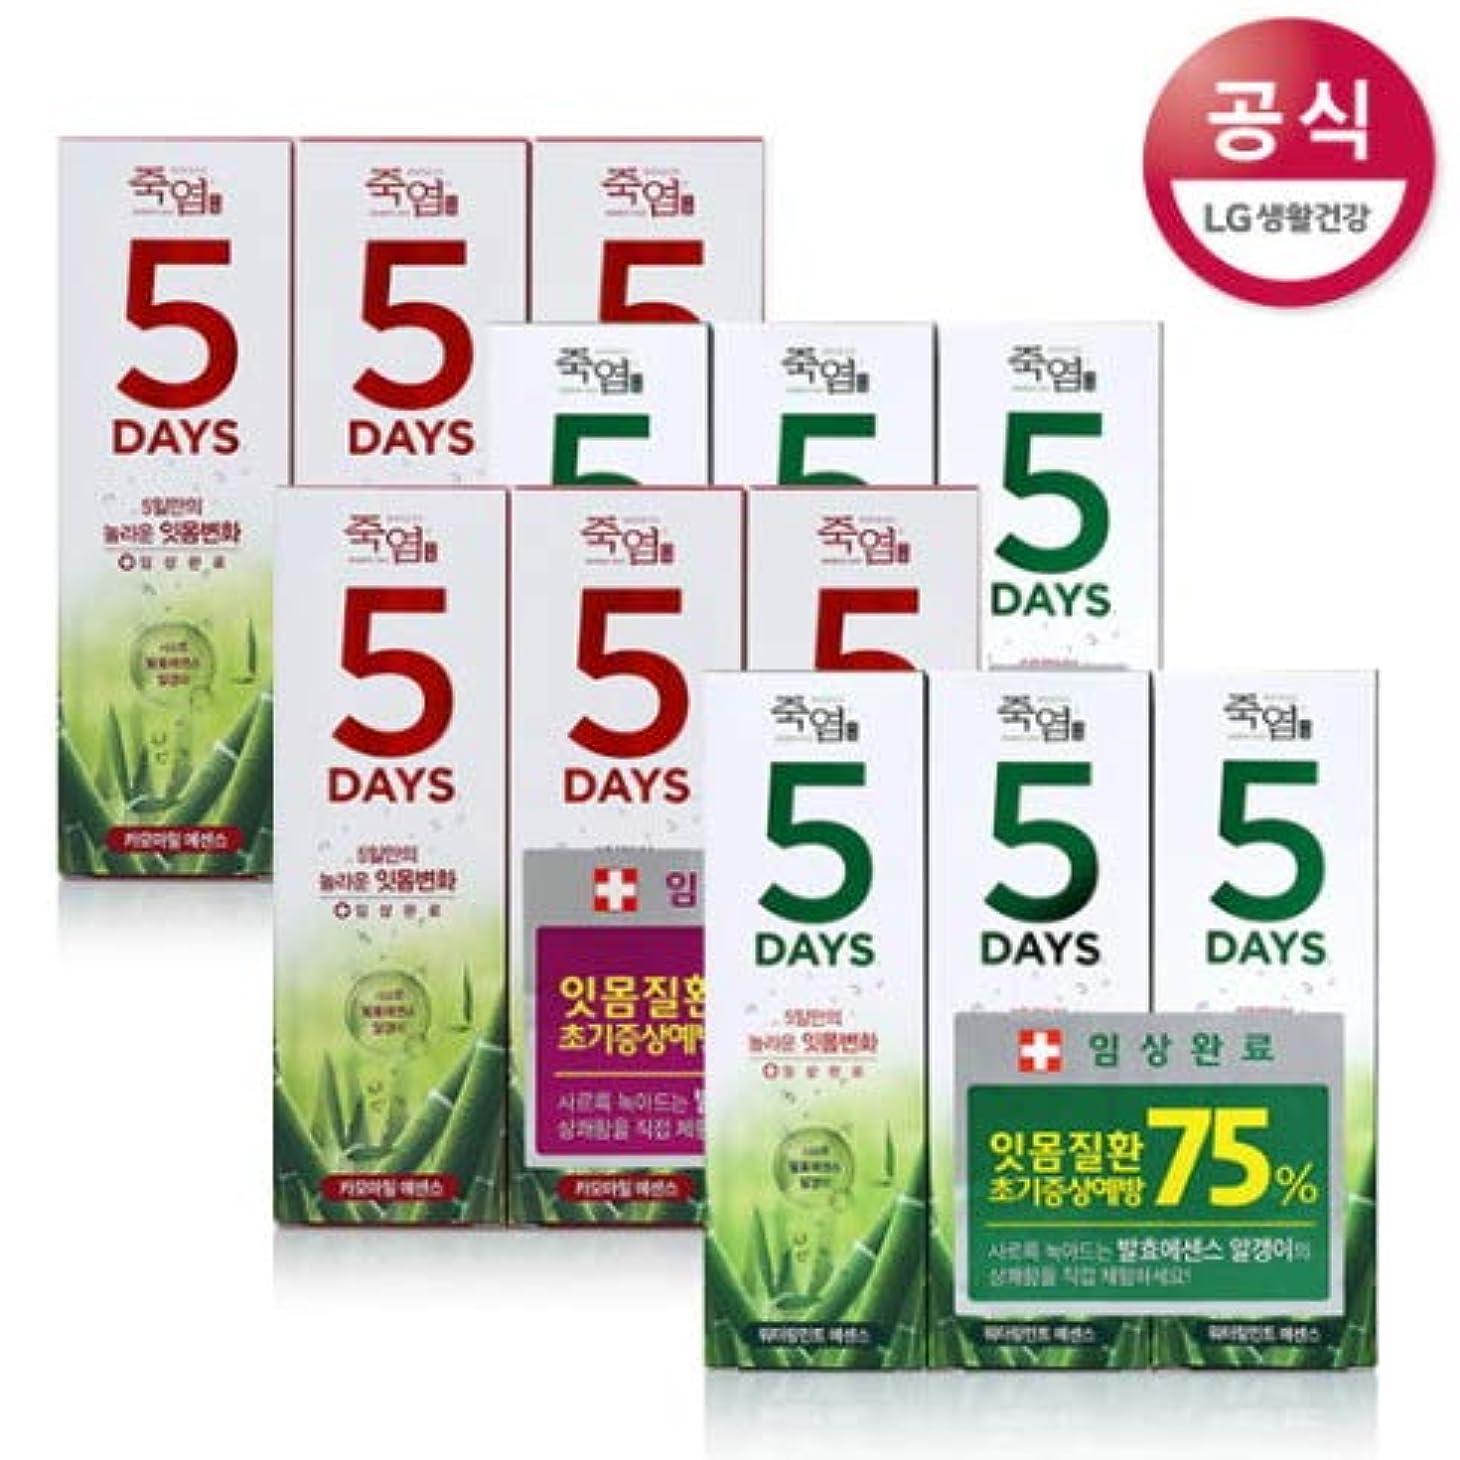 神秘的な散文近々[LG HnB] Bamboo Salt 5days Toothpaste /竹塩5days歯磨き粉 100gx12個(海外直送品)